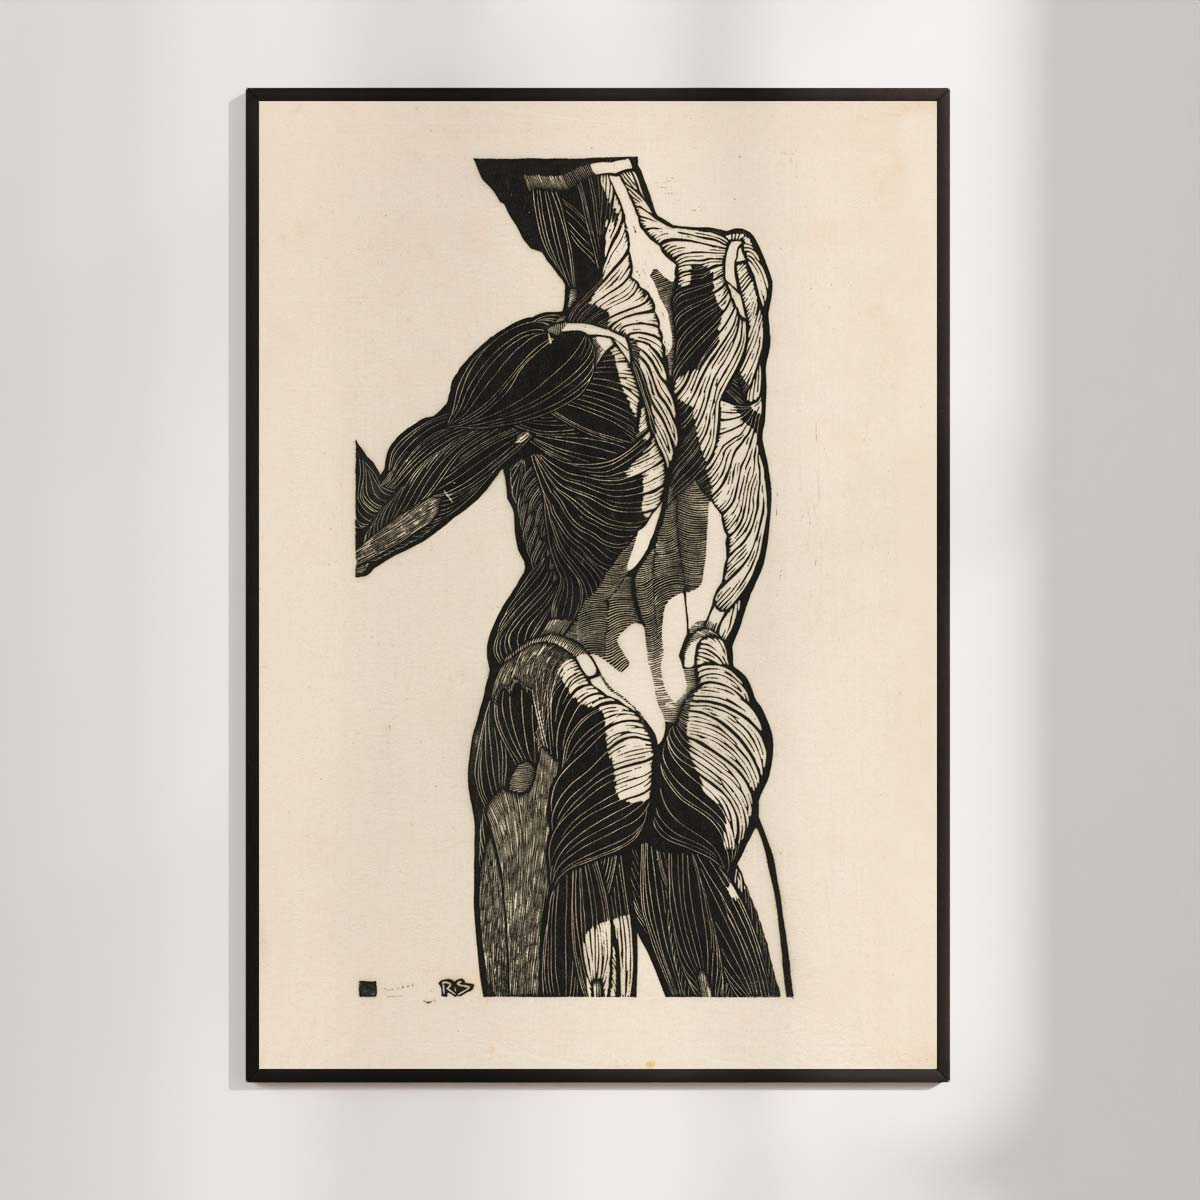 Plakat - Anatomisk træsnit - Studie af en mands ryg- og glutes-muskler